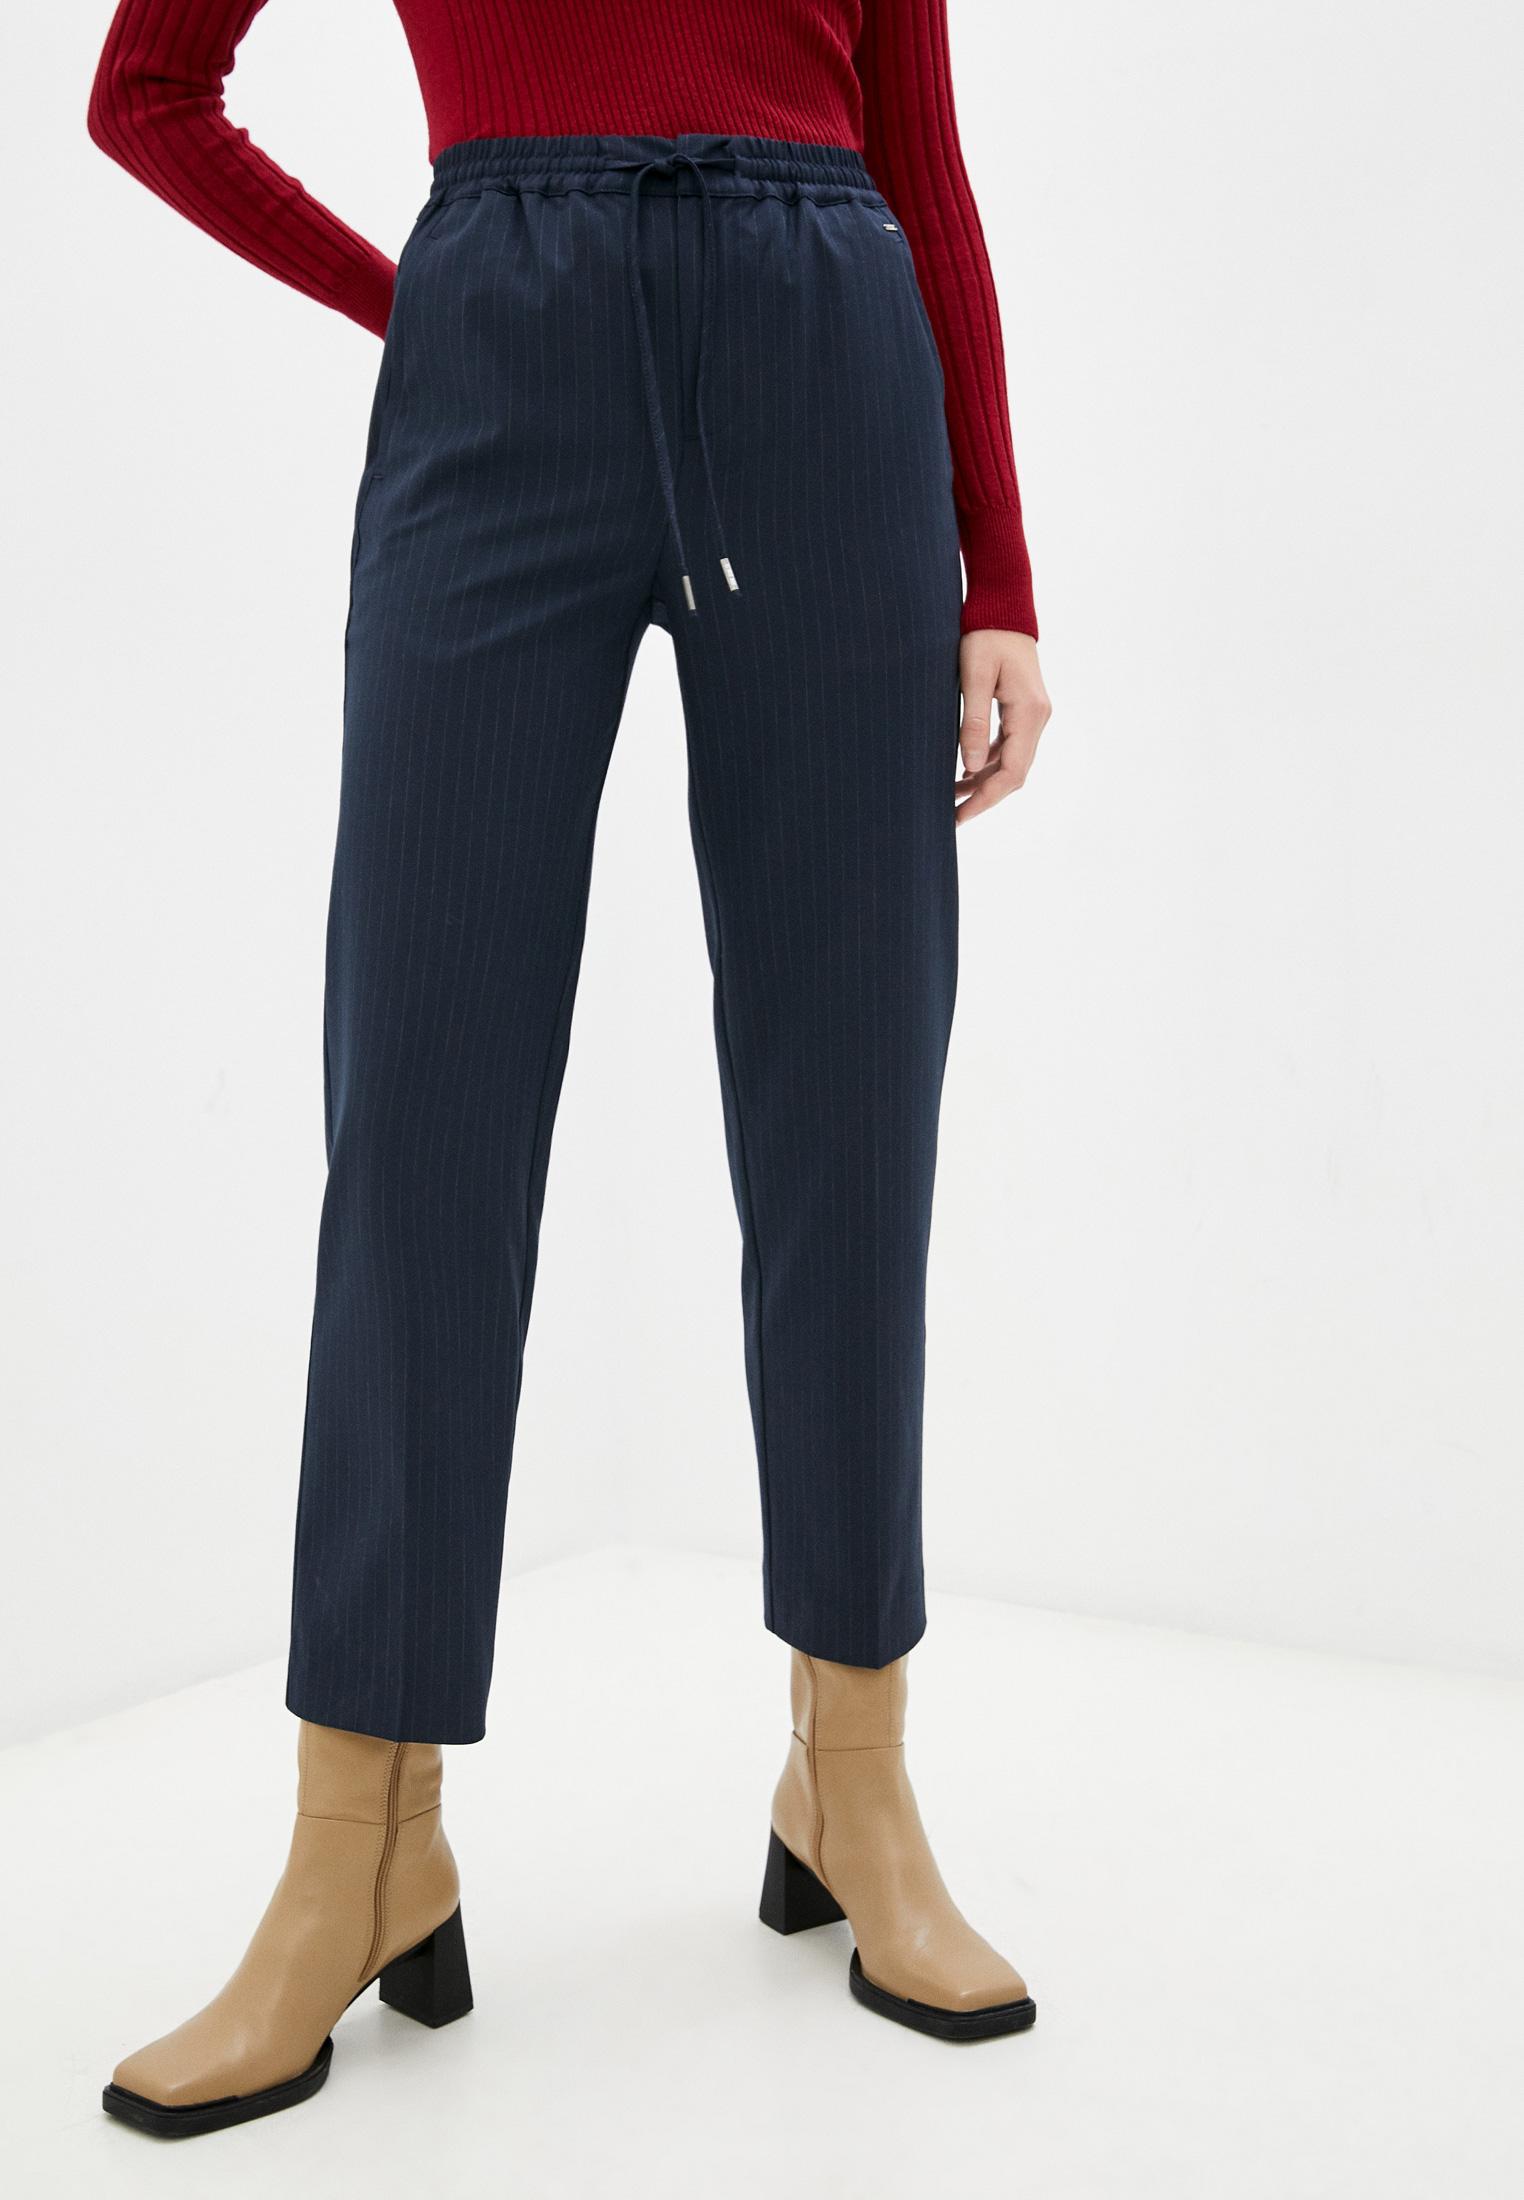 Женские классические брюки Pepe Jeans (Пепе Джинс) Брюки Pepe Jeans